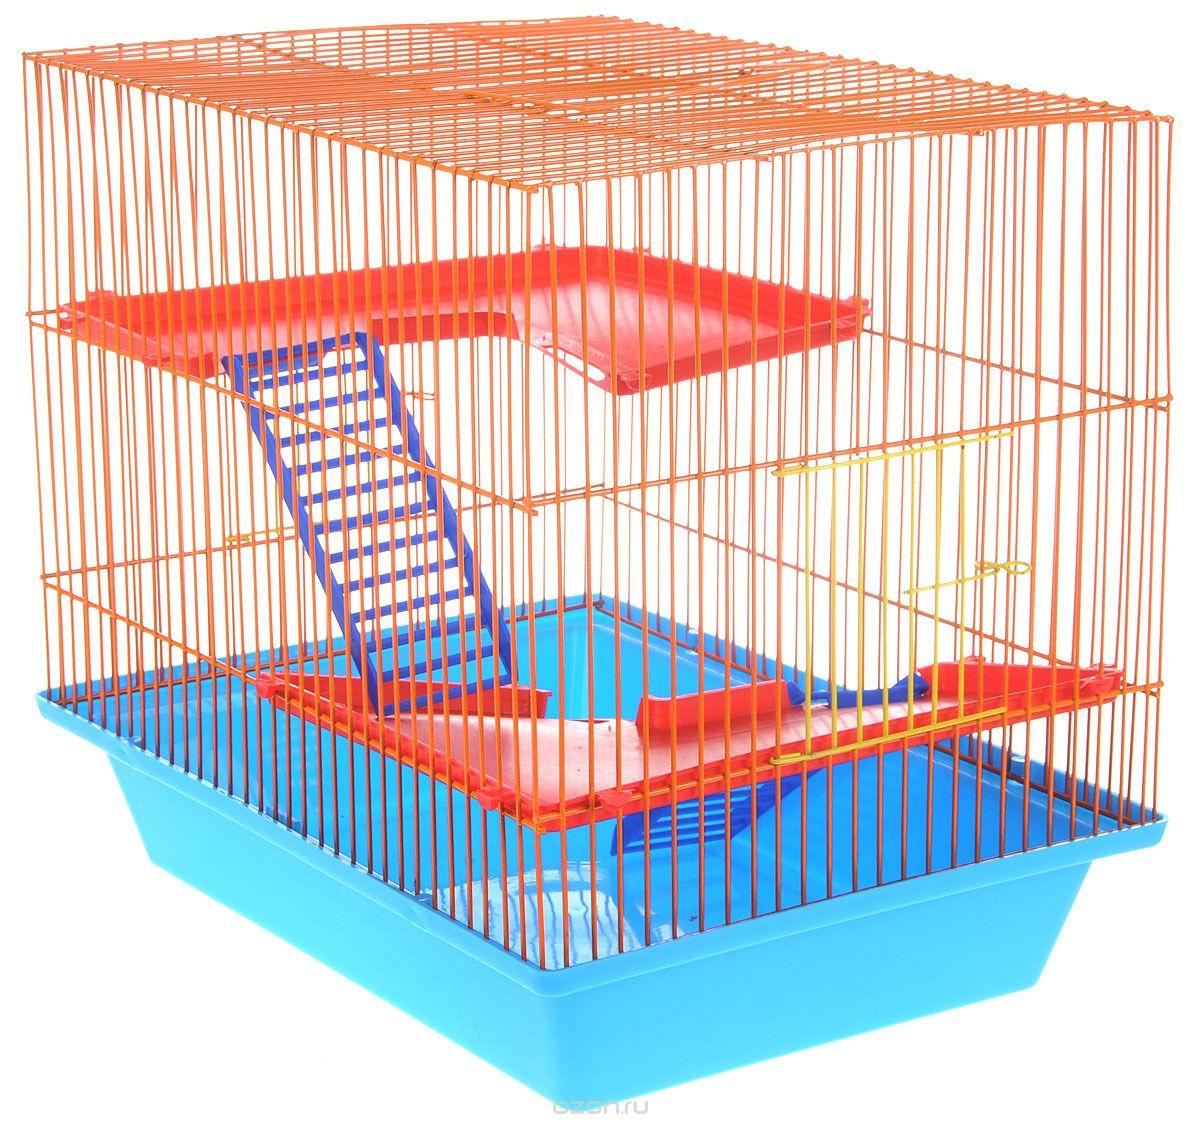 Клетка для грызунов ЗооМарк Гризли, 3-этажная, цвет: синий поддон, оранжевая решетка, красные этажи, 41 х 30 х 36 см230СОКлетка ЗооМарк Гризли, выполненная из полипропилена и металла, подходит для мелких грызунов. Изделие трехэтажное. Клетка имеет яркий поддон, удобна в использовании и легко чистится. Сверху имеется ручка для переноски. Такая клетка станет уединенным личным пространством и уютным домиком для маленького грызуна.